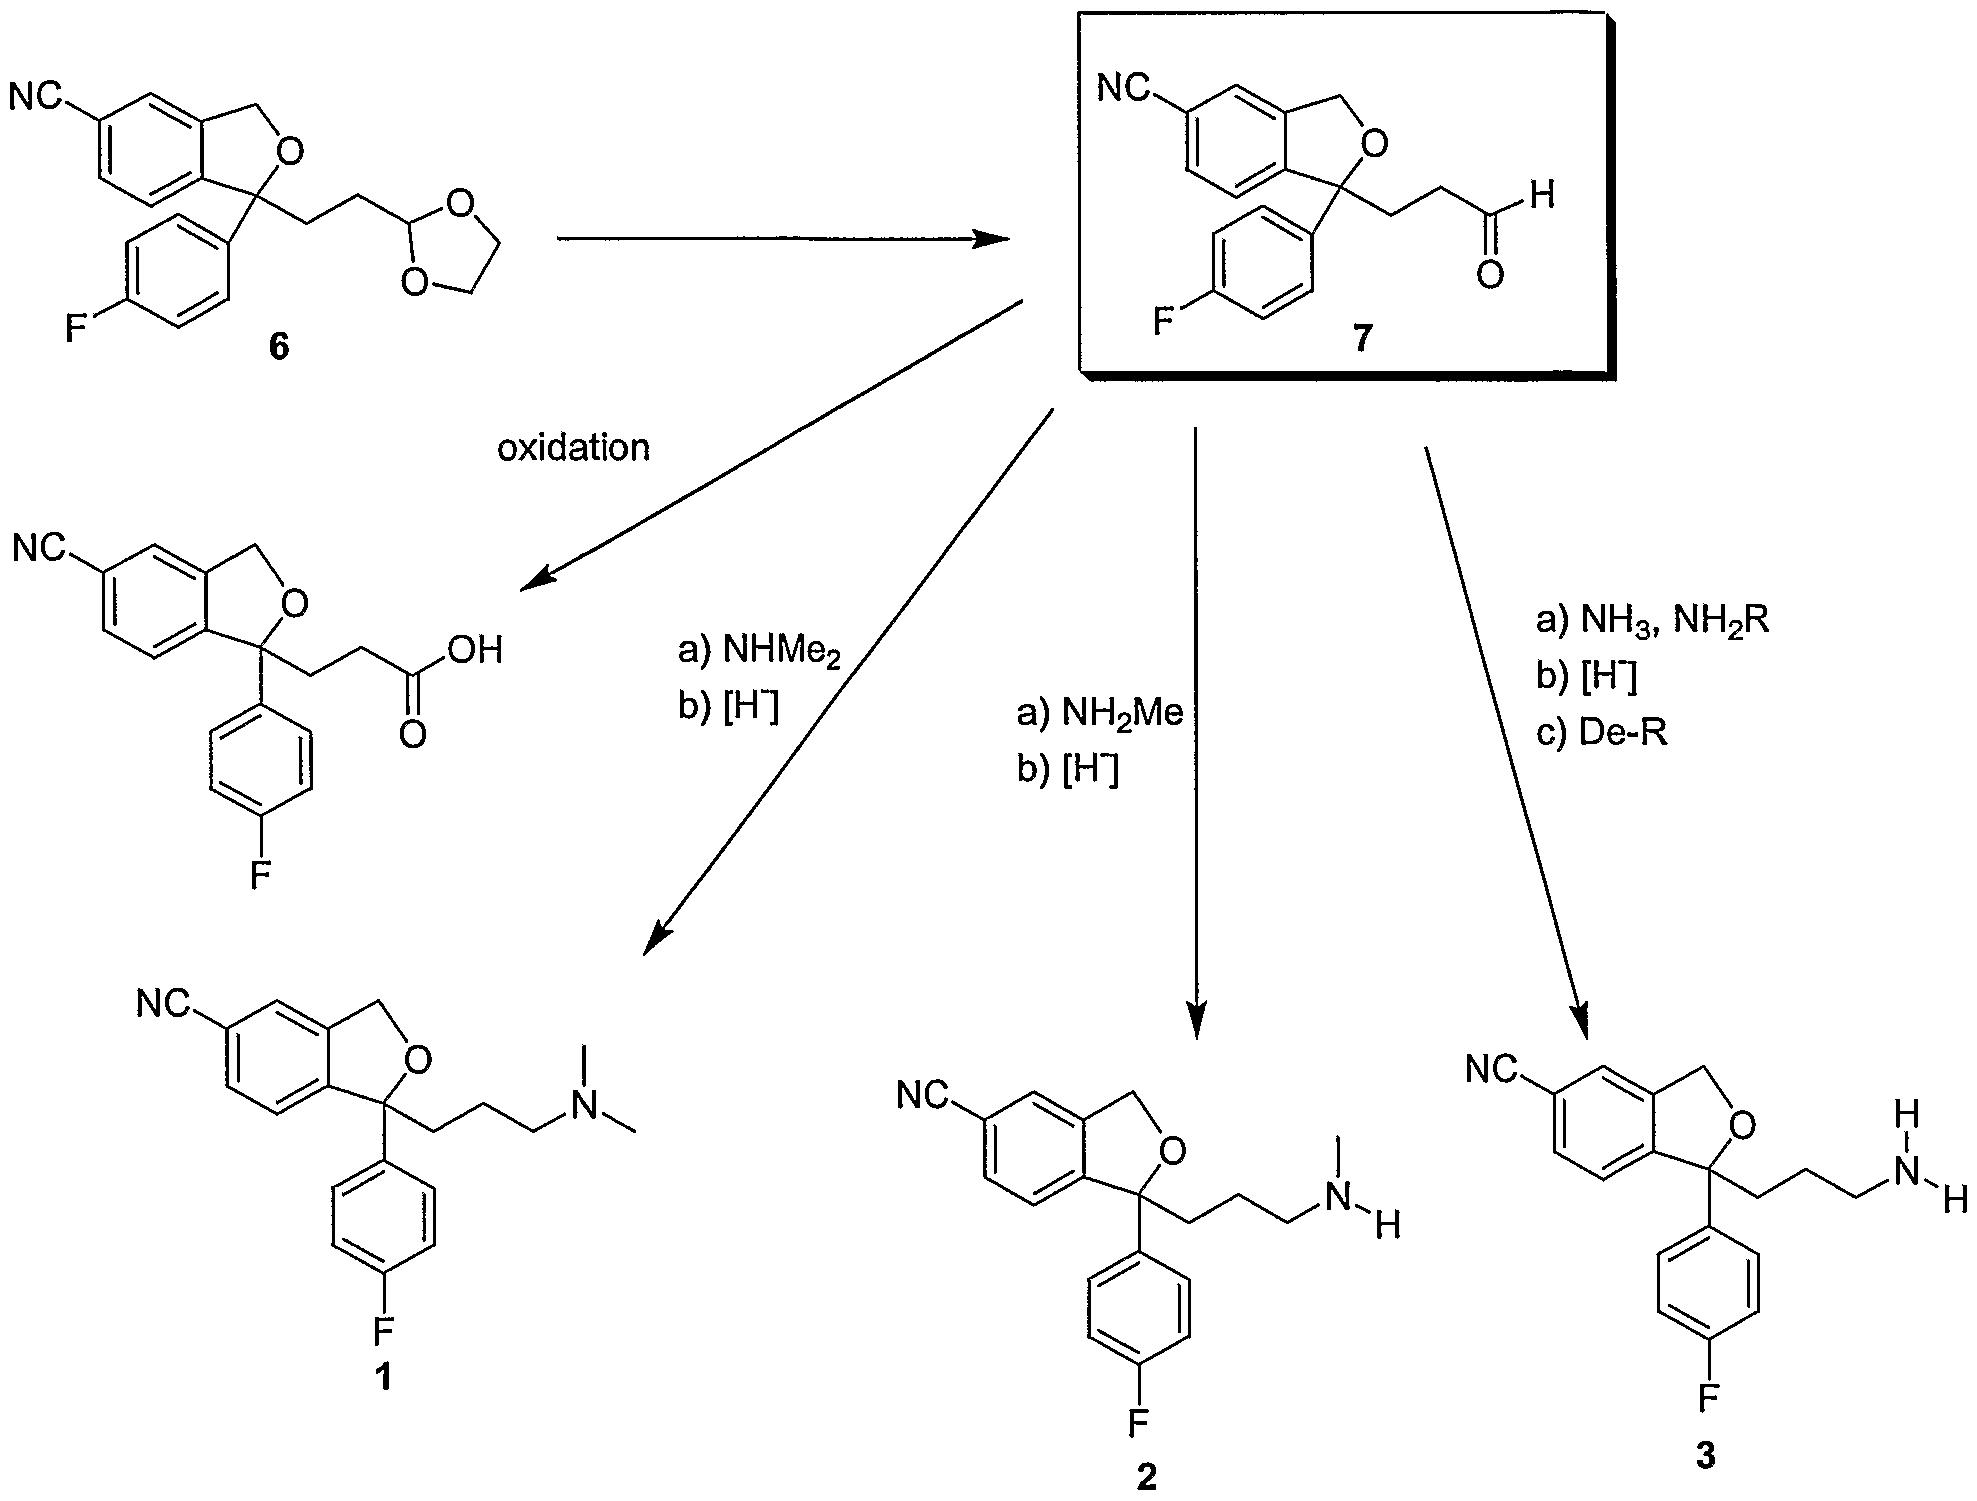 doxycycline mono